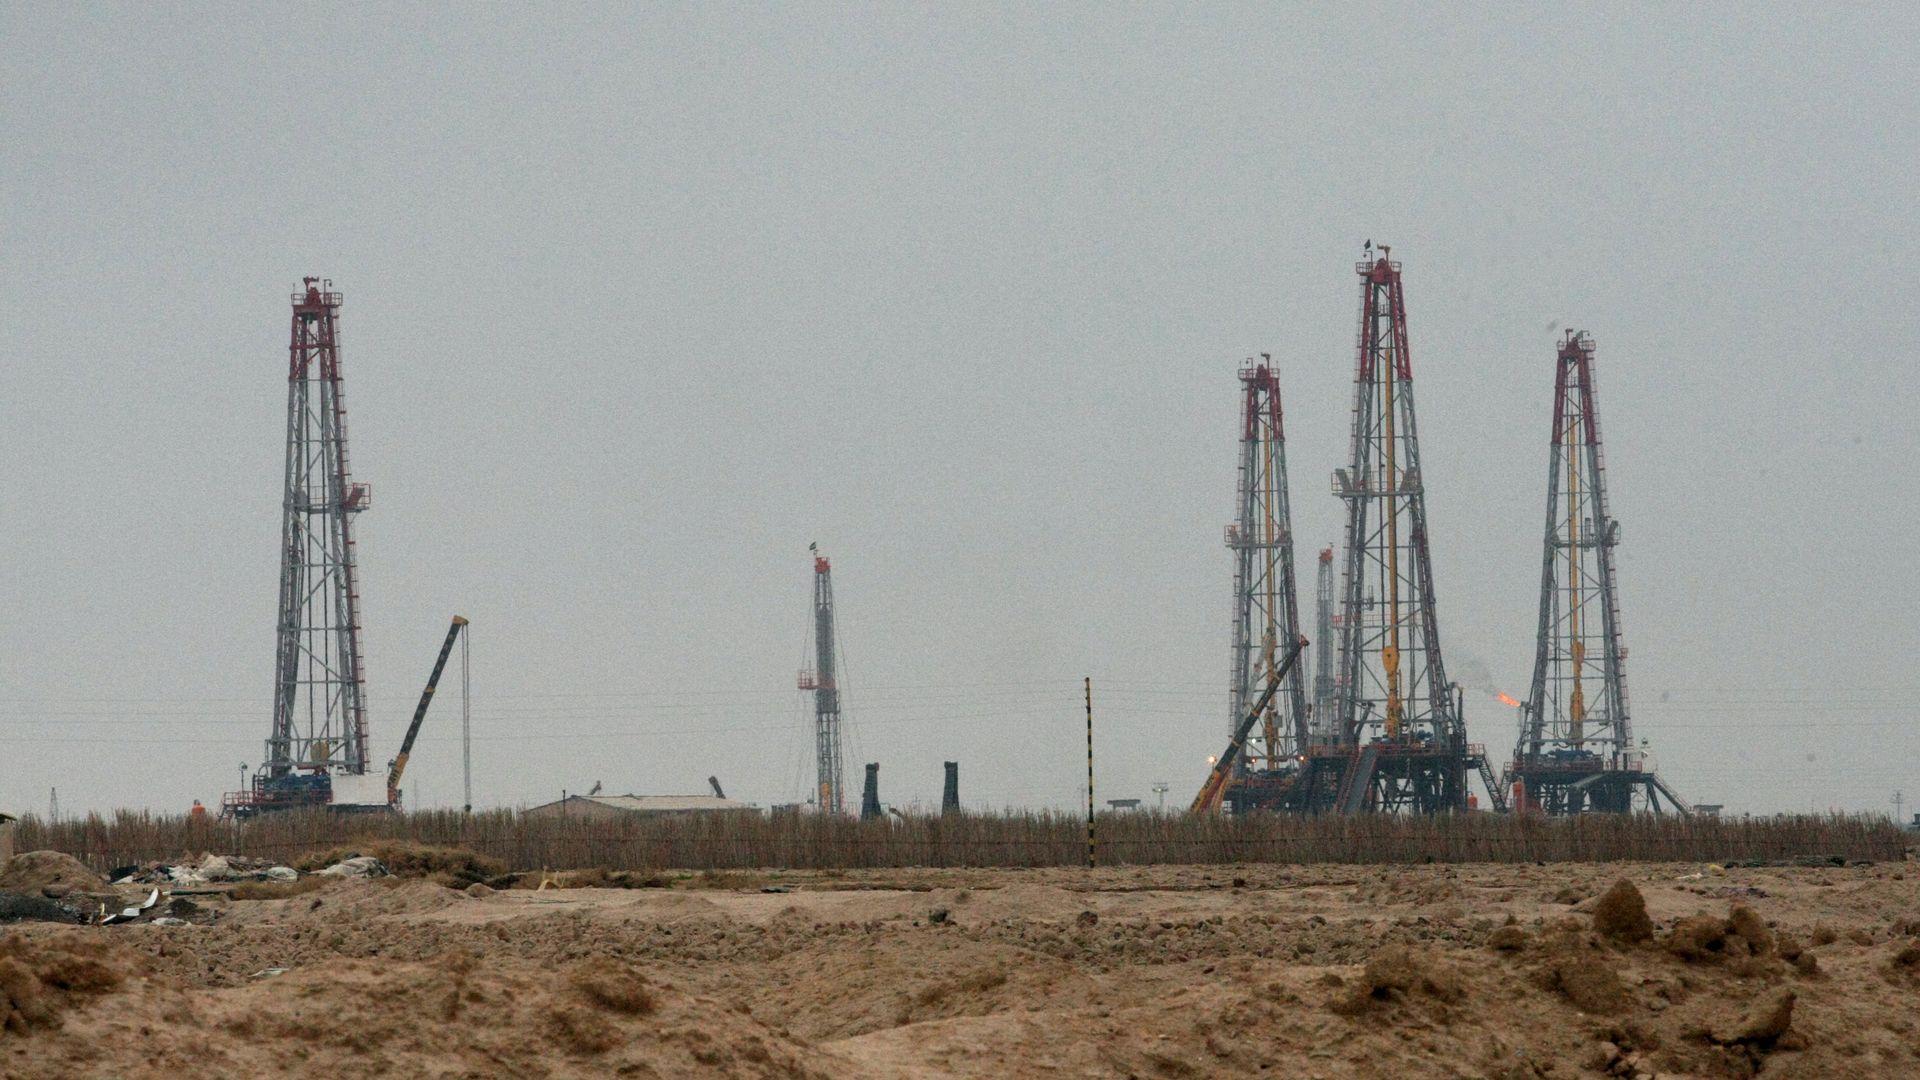 Rocket hits ExxonMobil complex in Basra, Iraq - Axios